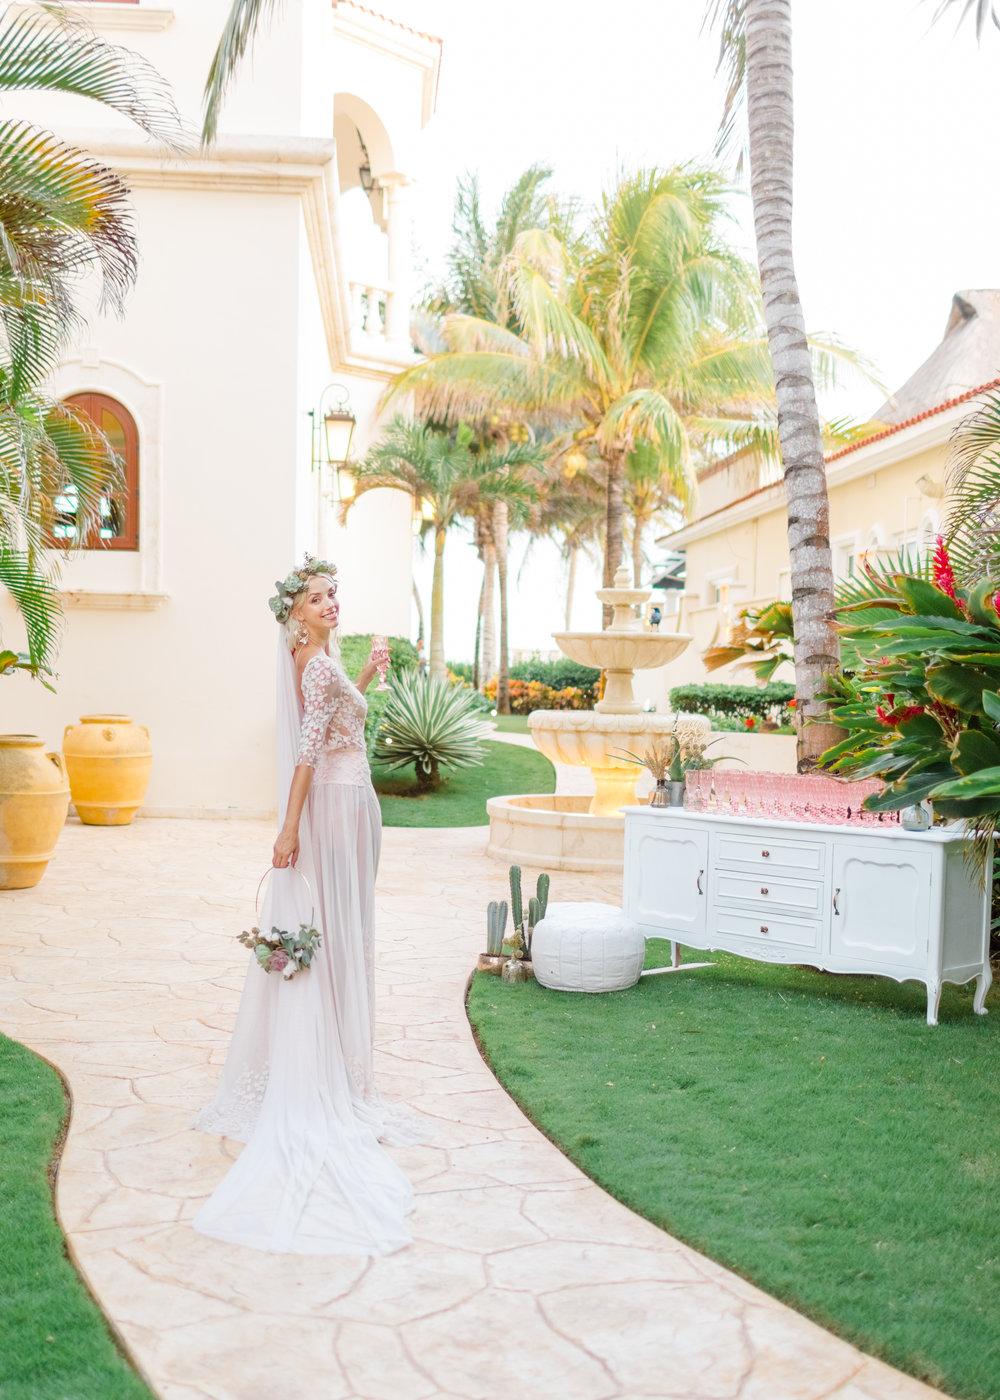 mexico-destination-wedding-venue-23.jpg